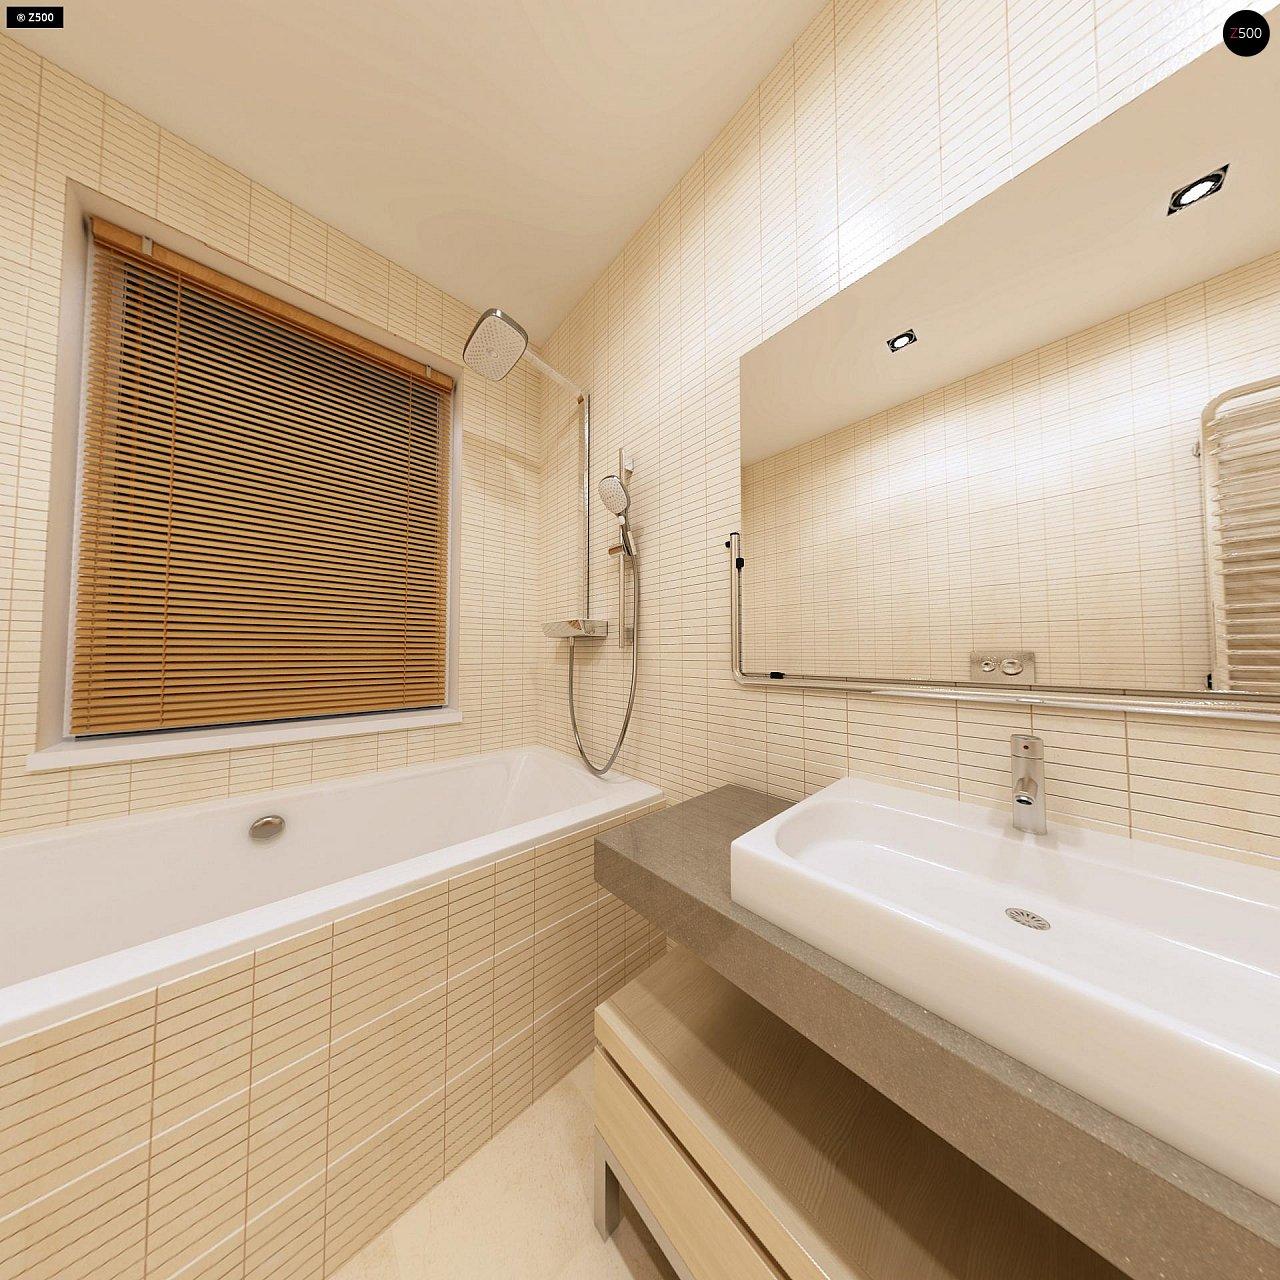 Компактный одноэтажный дом простой формы с возможностью обустройства чердачного помещения. 15